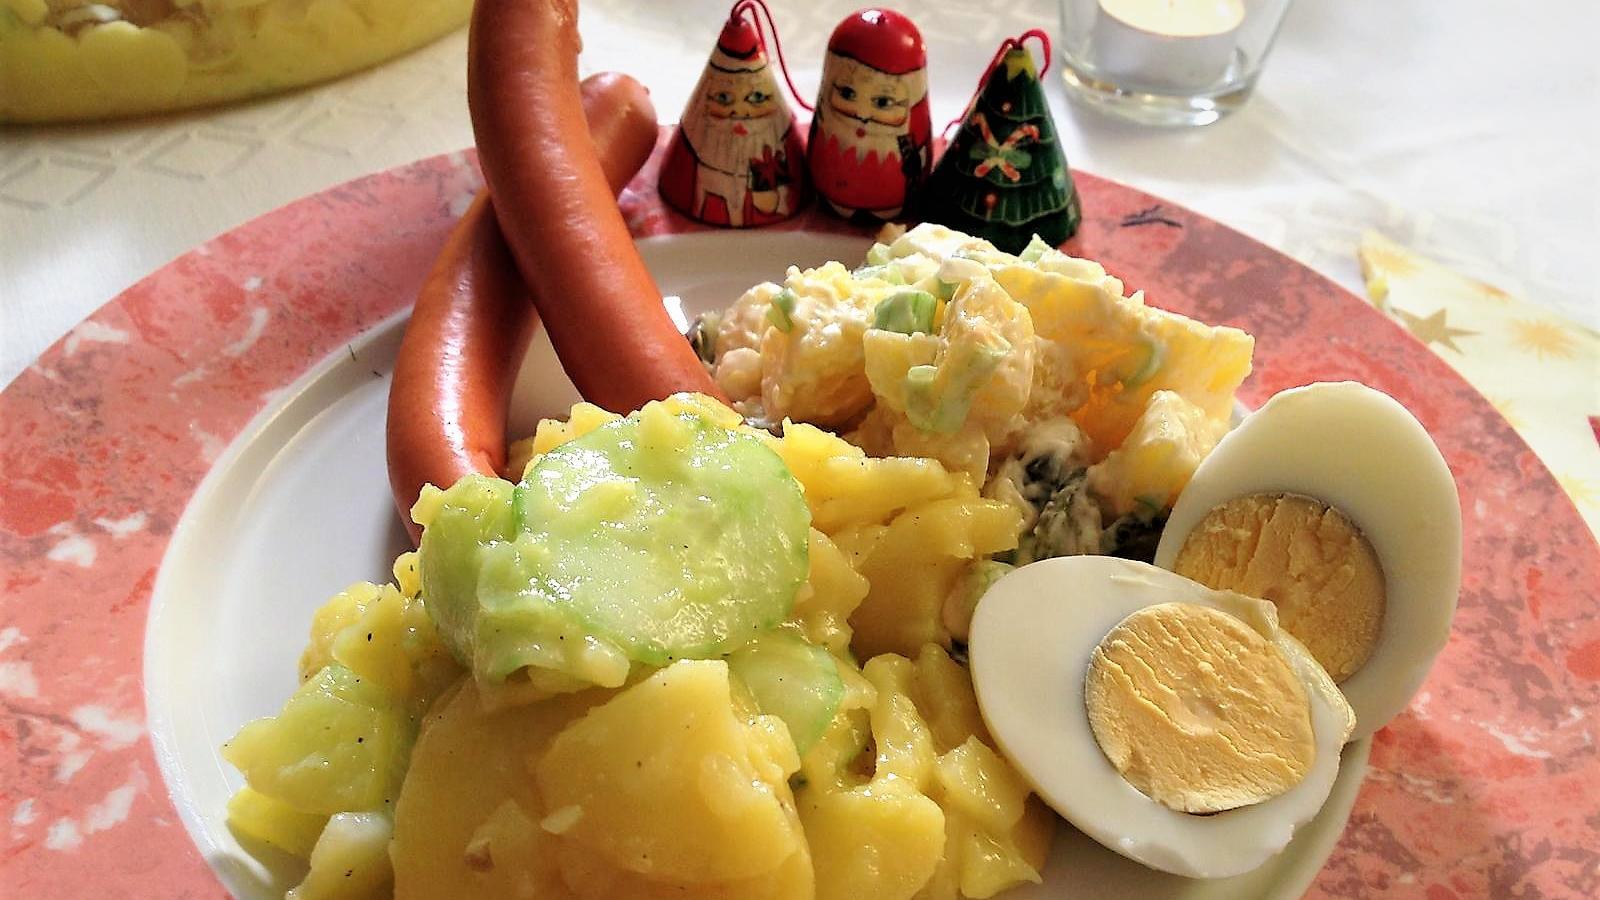 bayerischer und rheinischer kartoffelsalat rezept zum punkt 12 lieblingsgericht. Black Bedroom Furniture Sets. Home Design Ideas